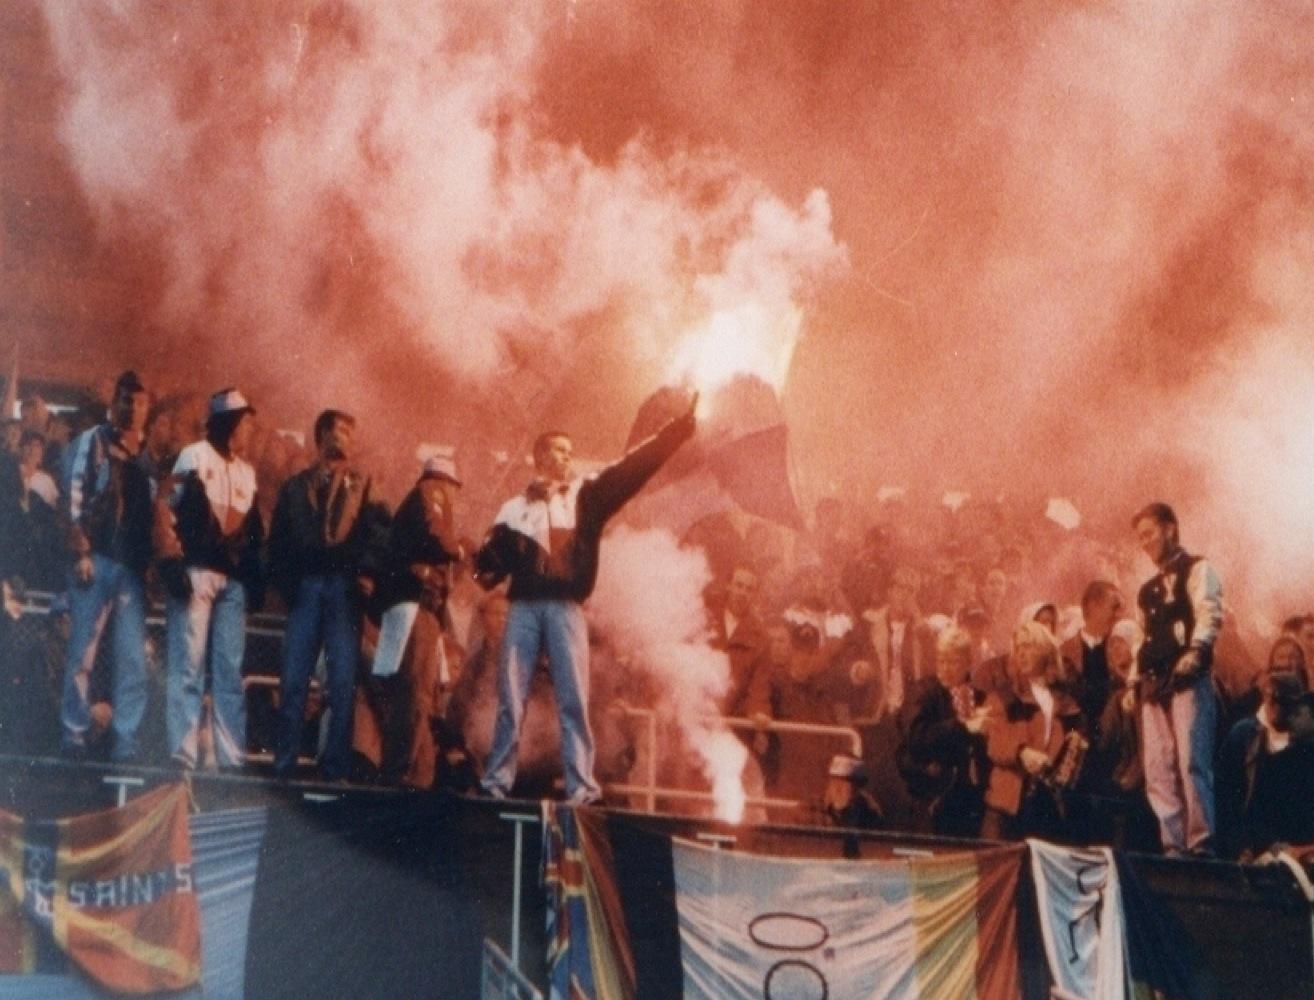 Casual-grabbar i klacken 92 iklädda den klassiska Umbro-jackan, baggy jeans och bucket hats.